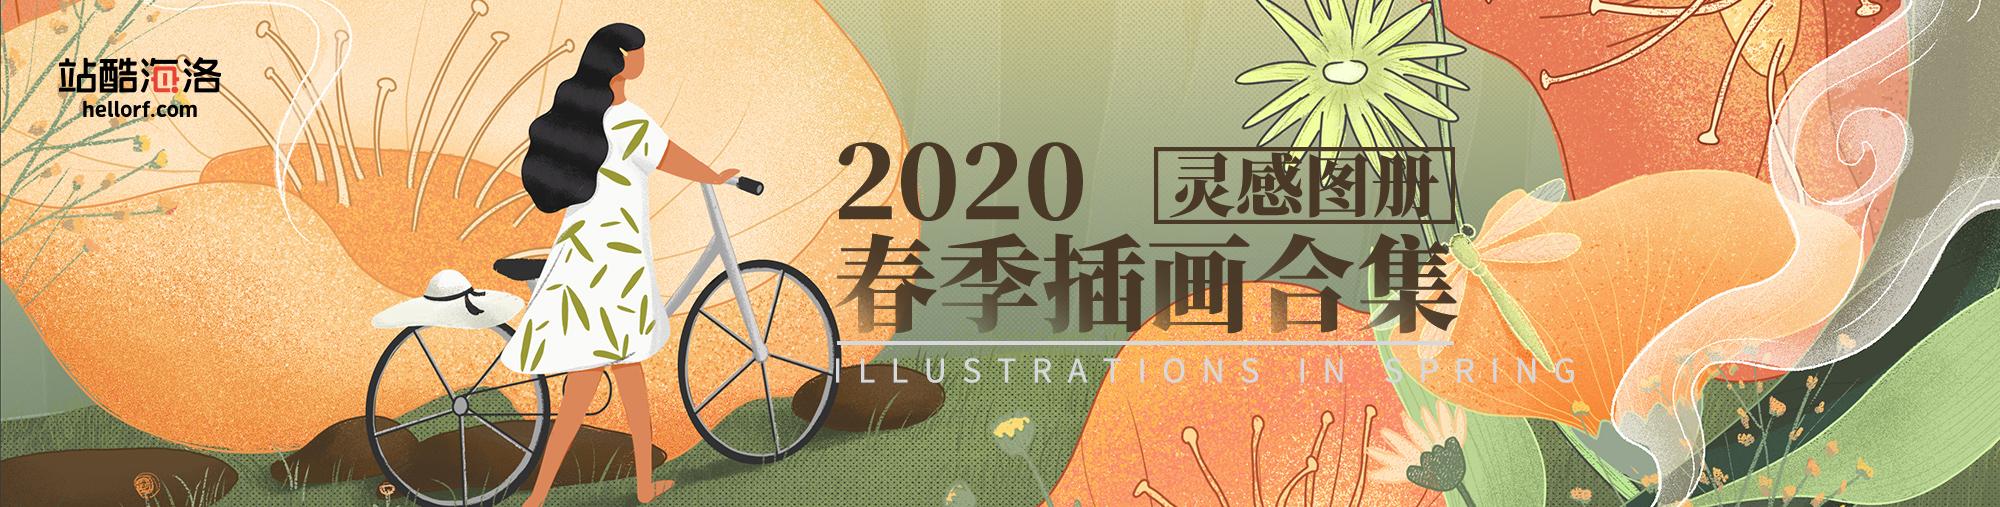 2000-507-´º¼¾.jpg